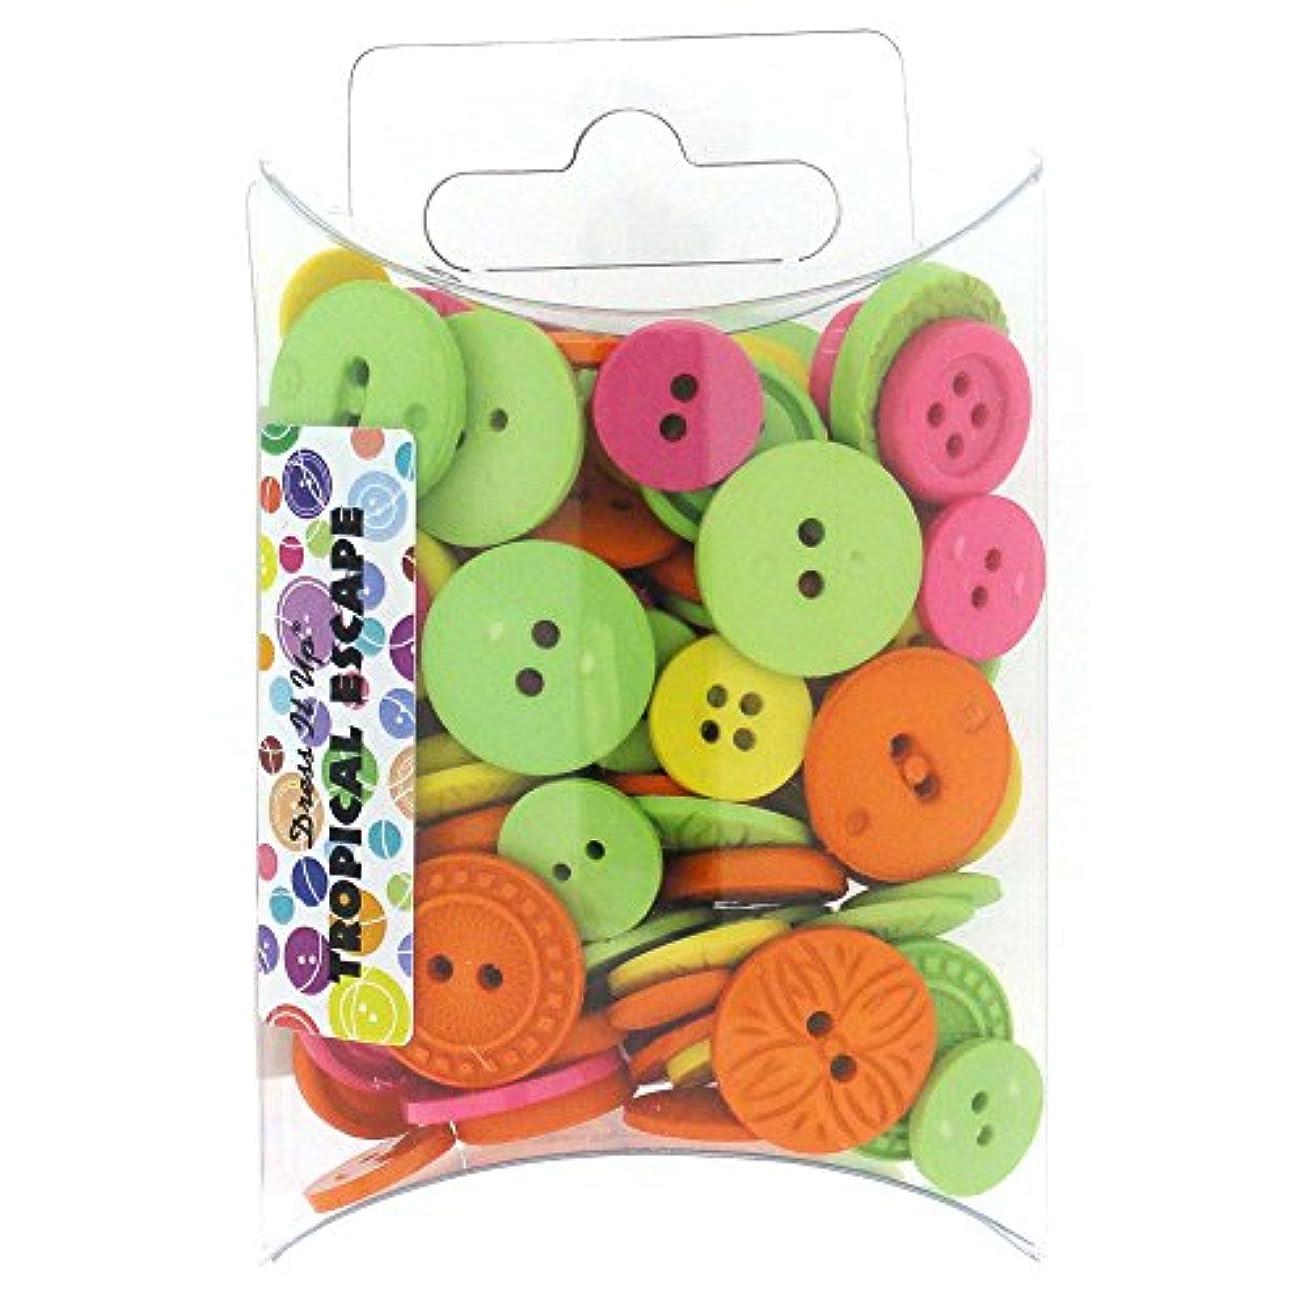 Dress It Up Jesse James (1-Pack) Buttons Color Me Pillow Pack #7397 Tropical Escape 7397-1P'